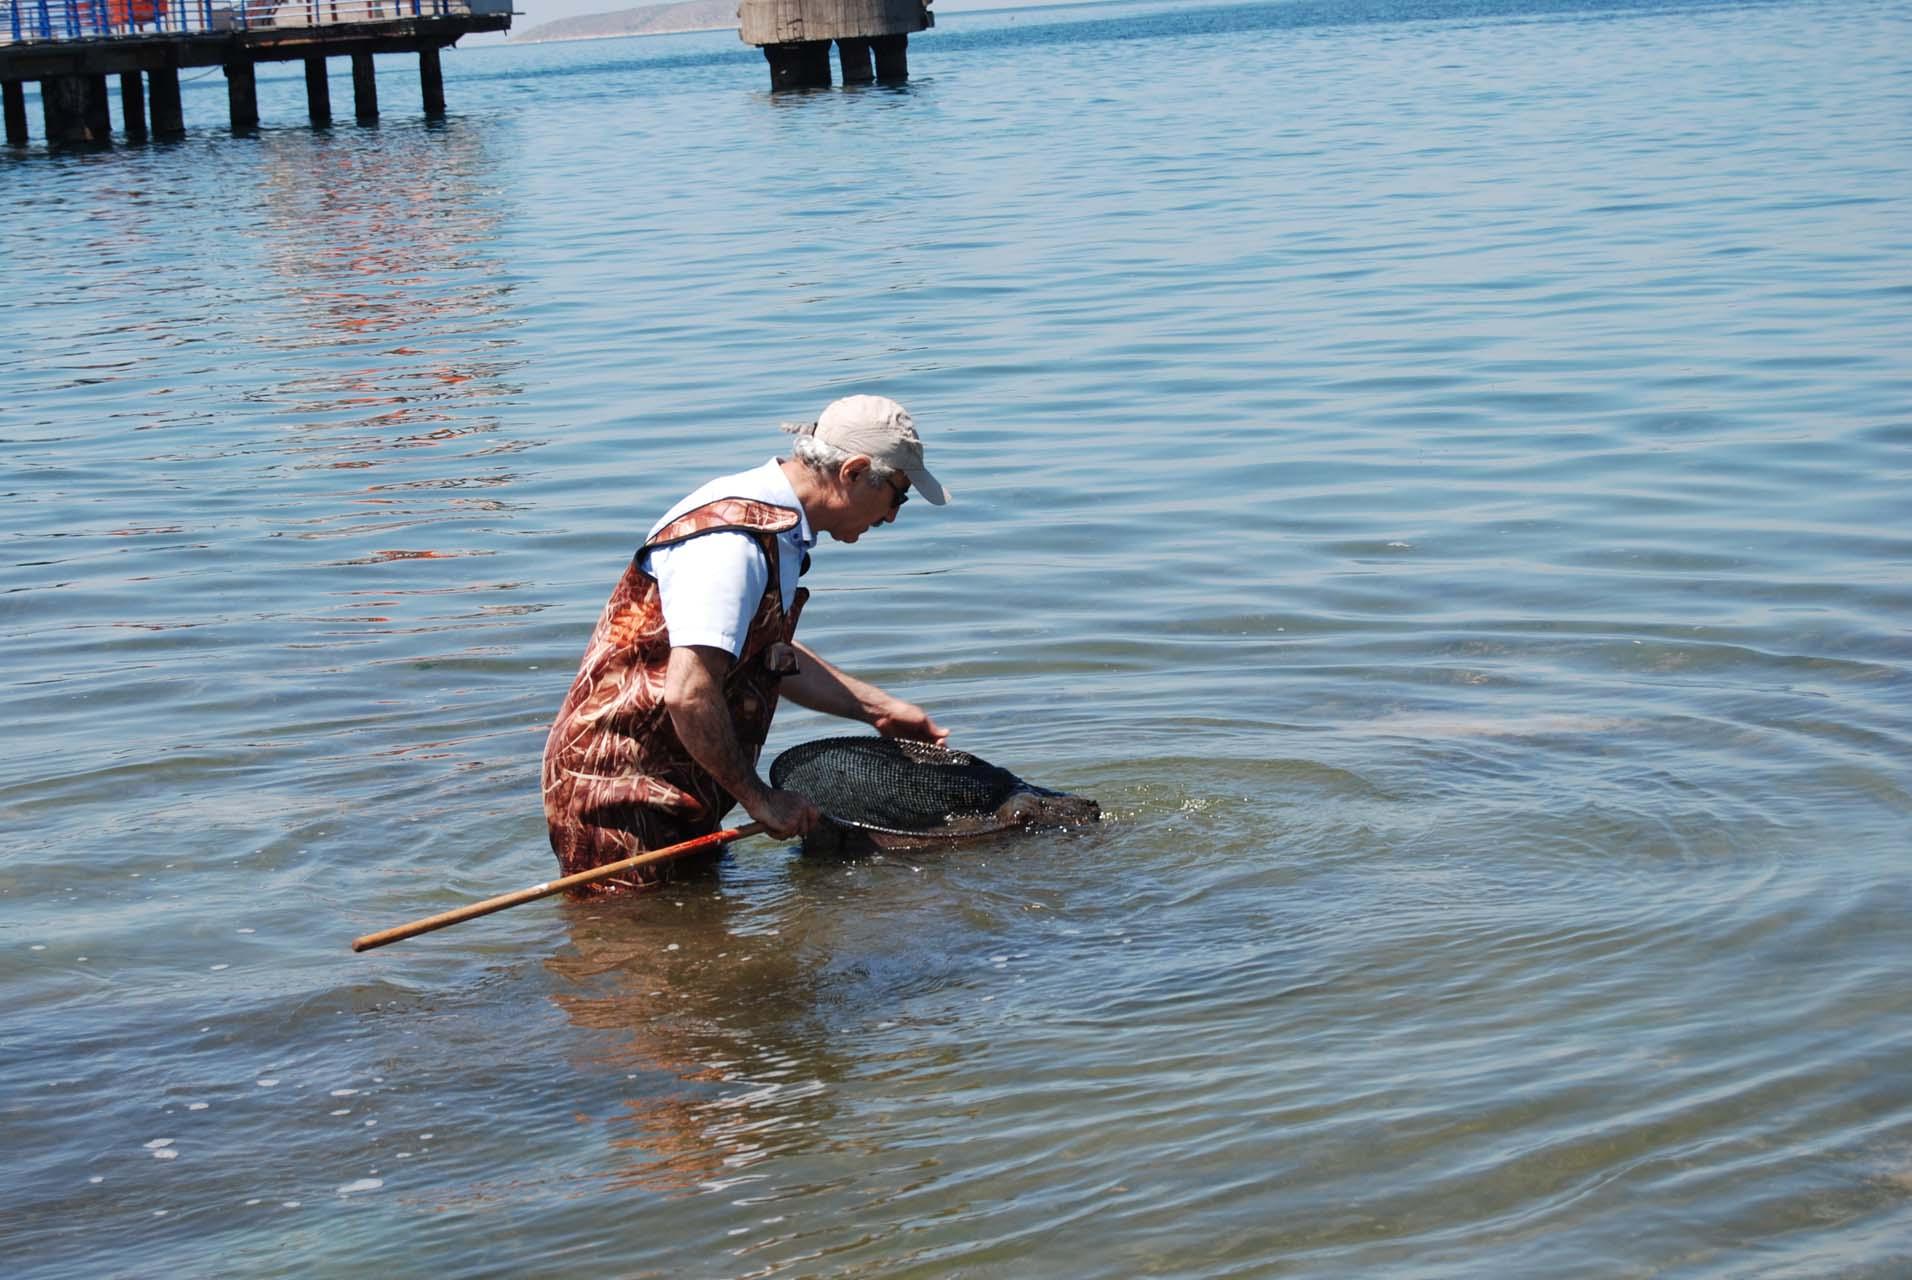 Deniz salyaları hakkındaki korkutan gerçek ortaya çıktı: Balıkların ölmesine neden oluyor